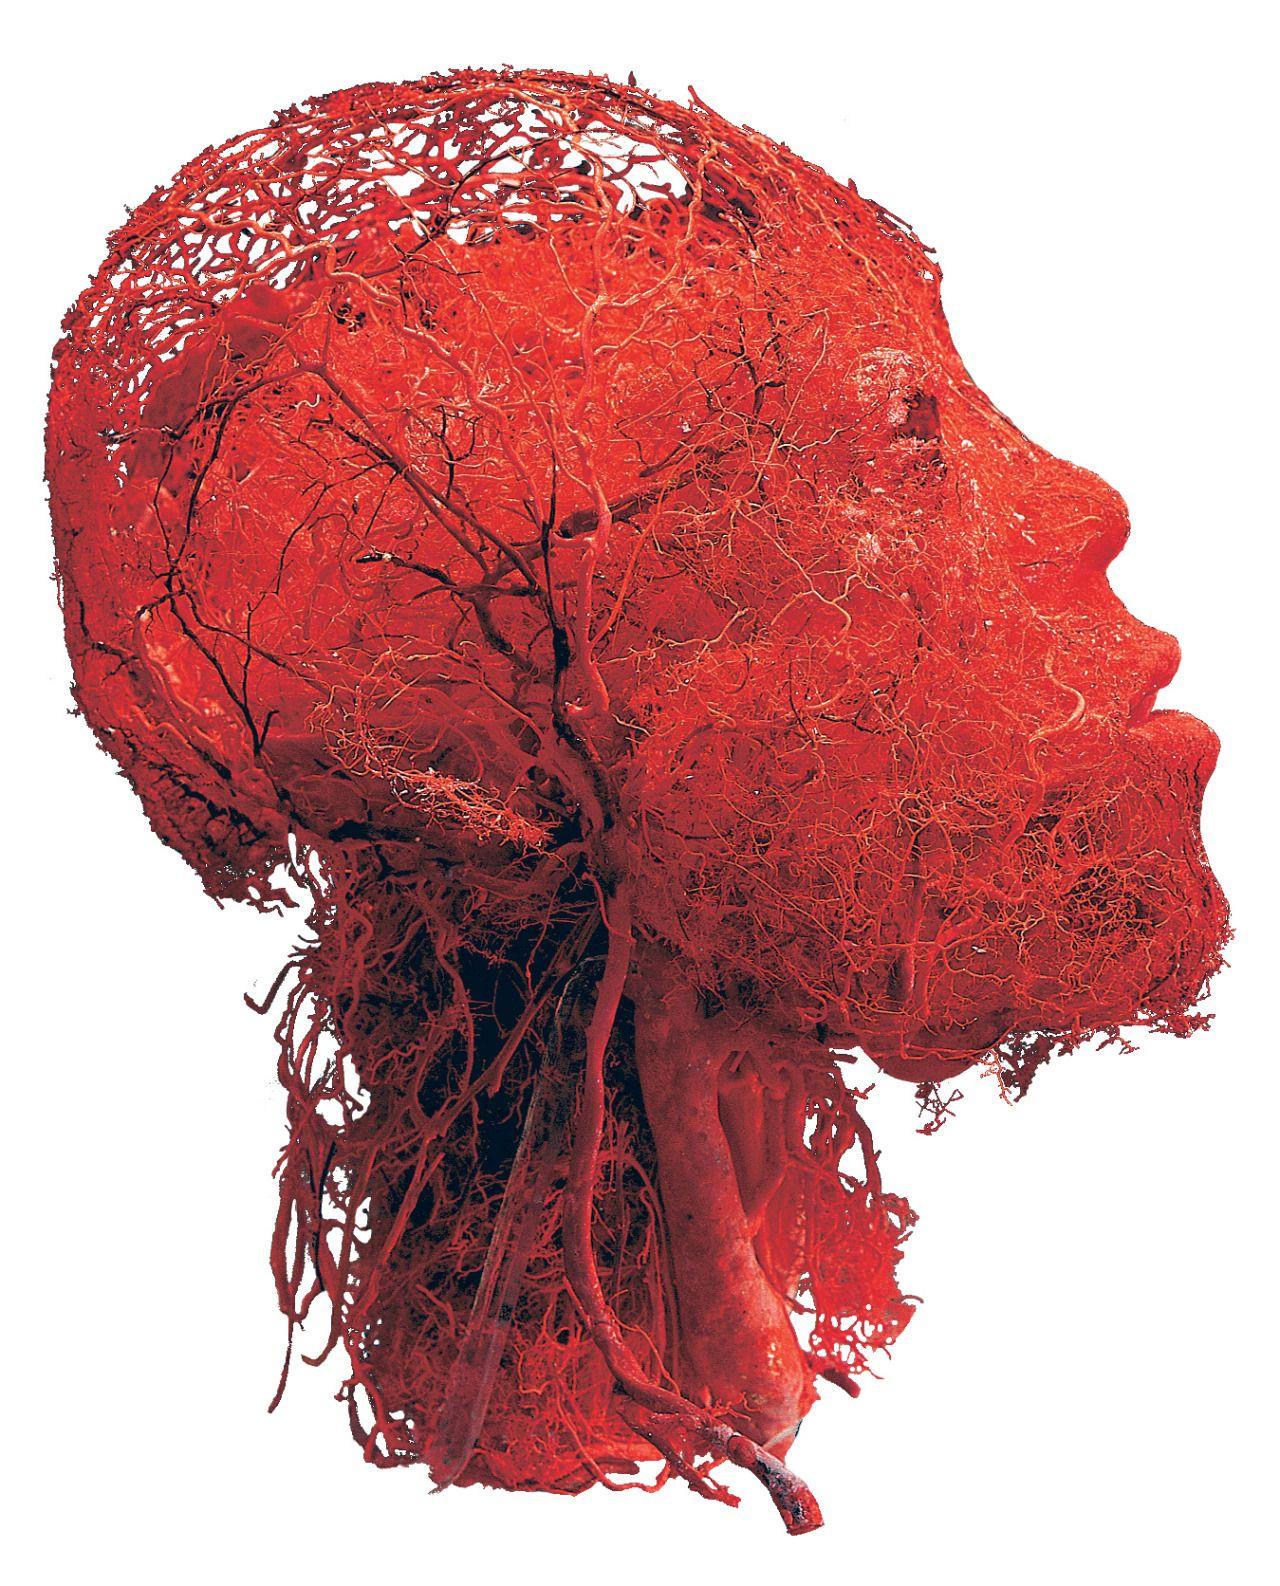 Pin De Filippo Chizzolini Em Arte Anatomia Corpo Humano Corpo